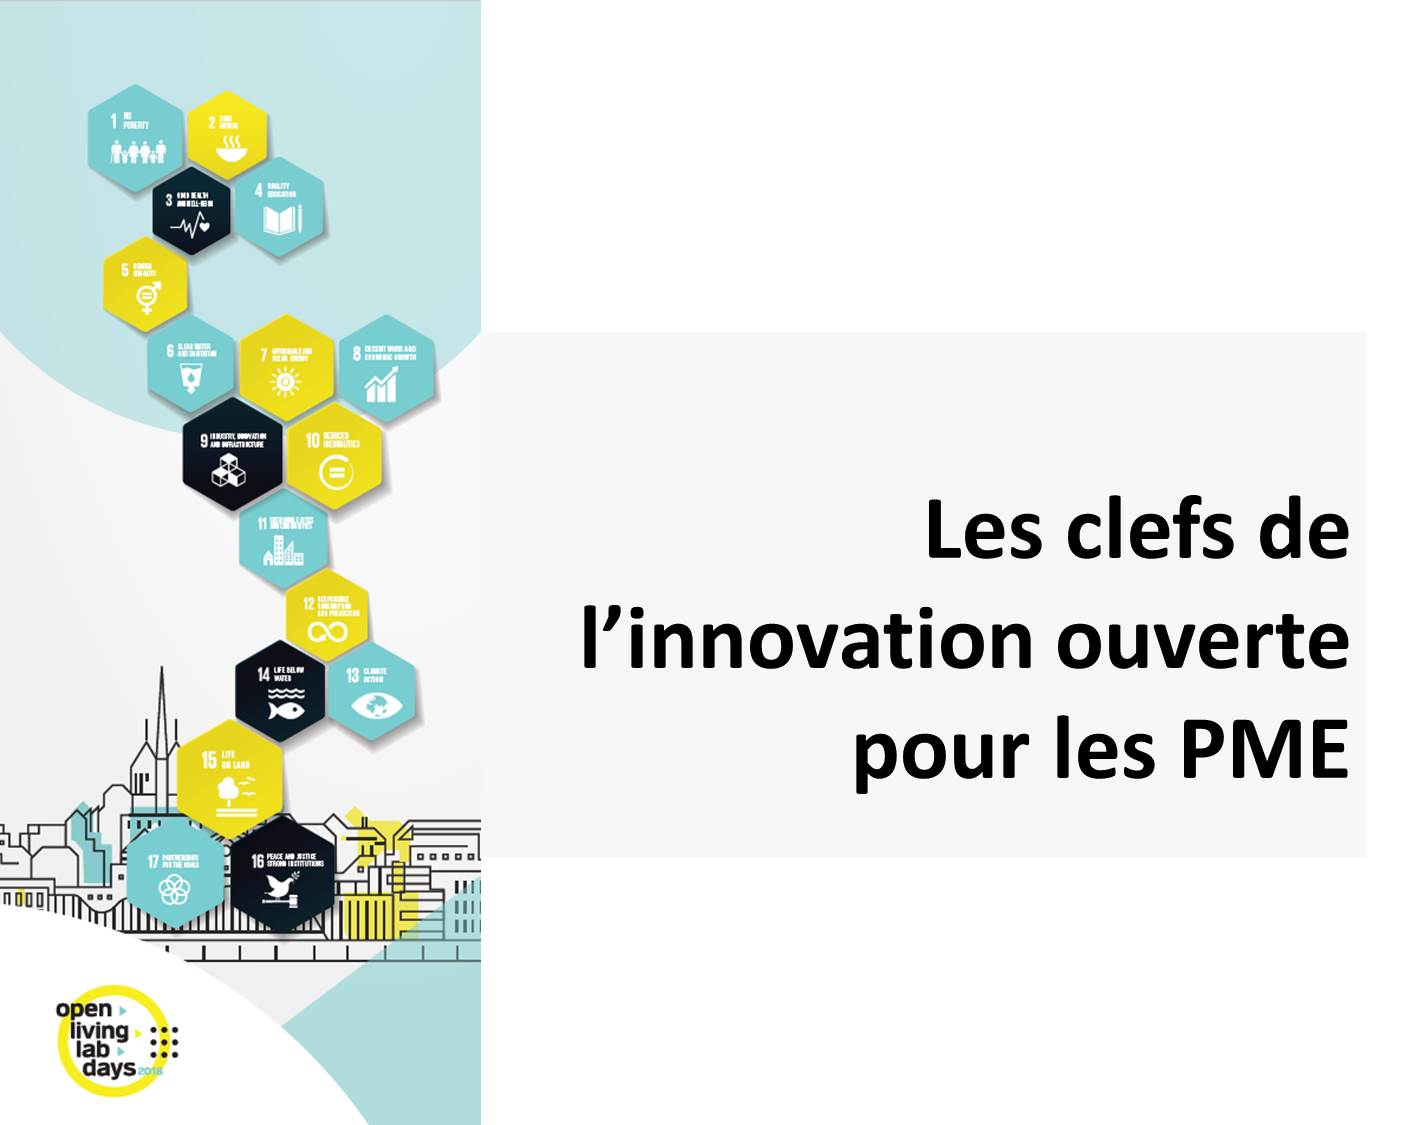 Les clefs de l'innovation ouverte pour les PME